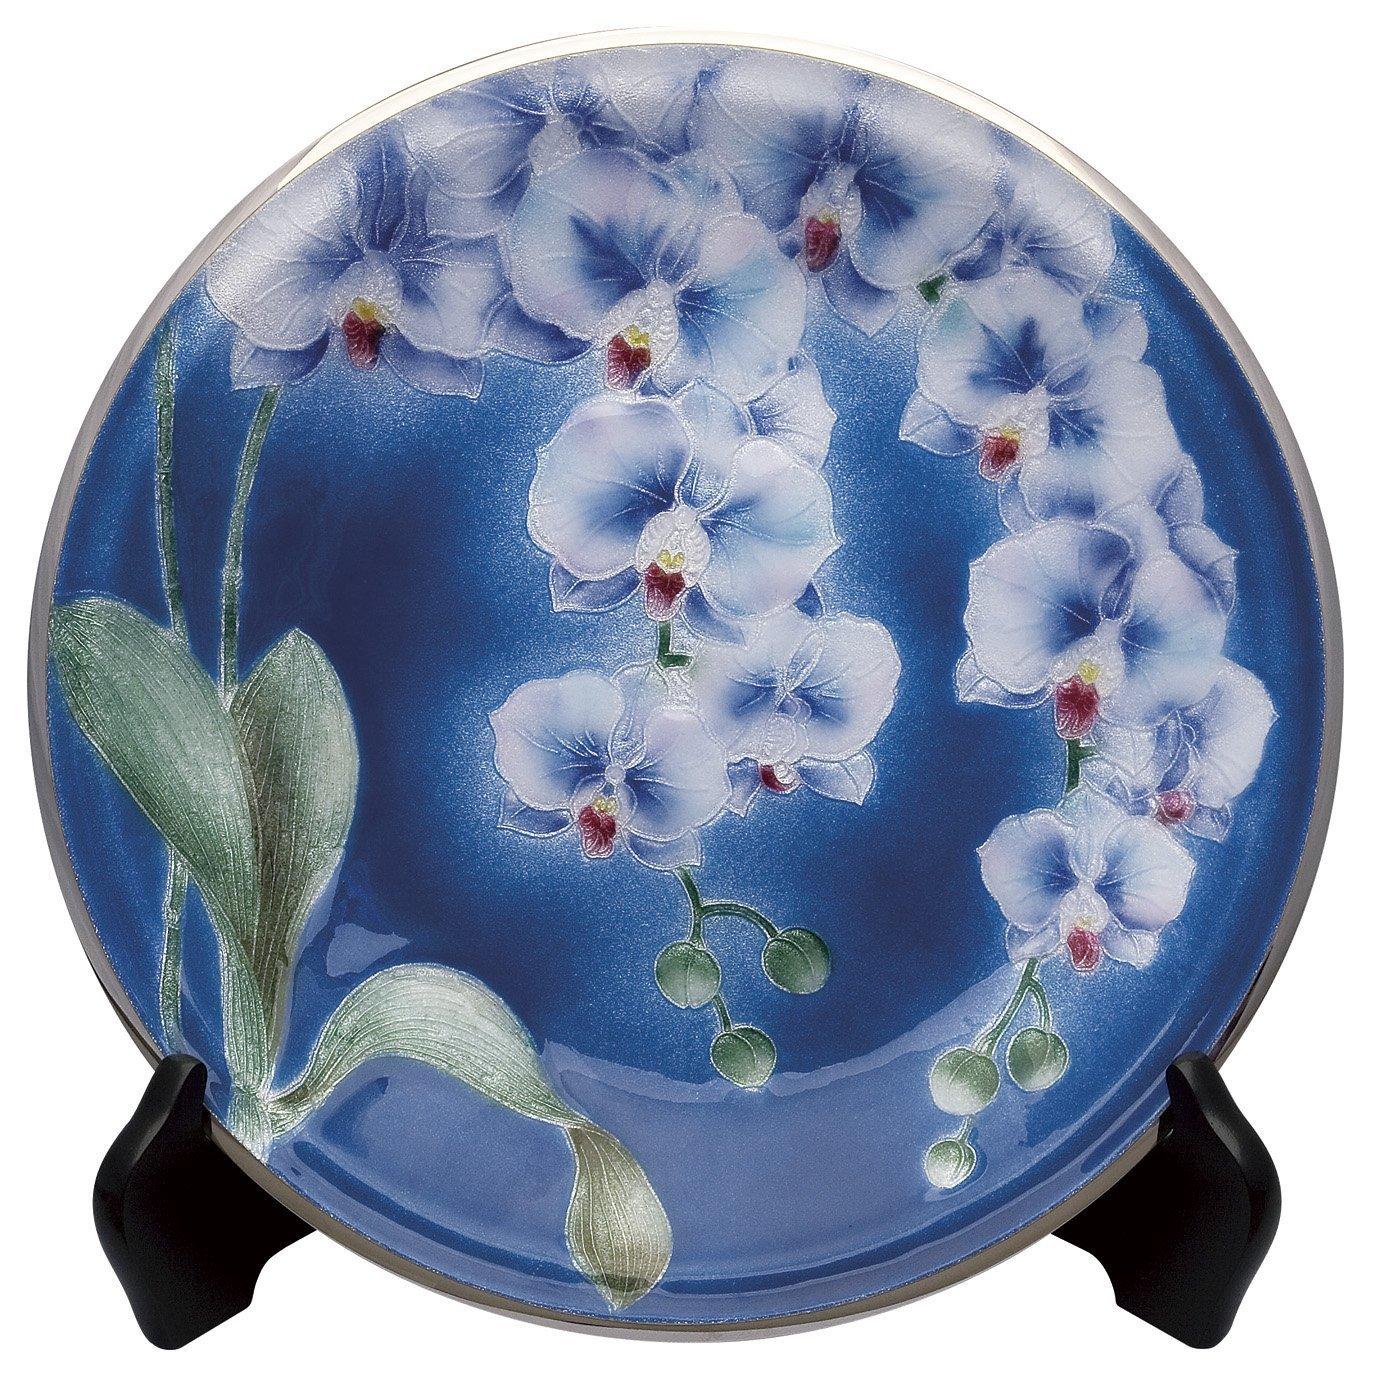 七宝焼 10 丸胡蝶蘭 飾り皿 106-03 B07698YDVW